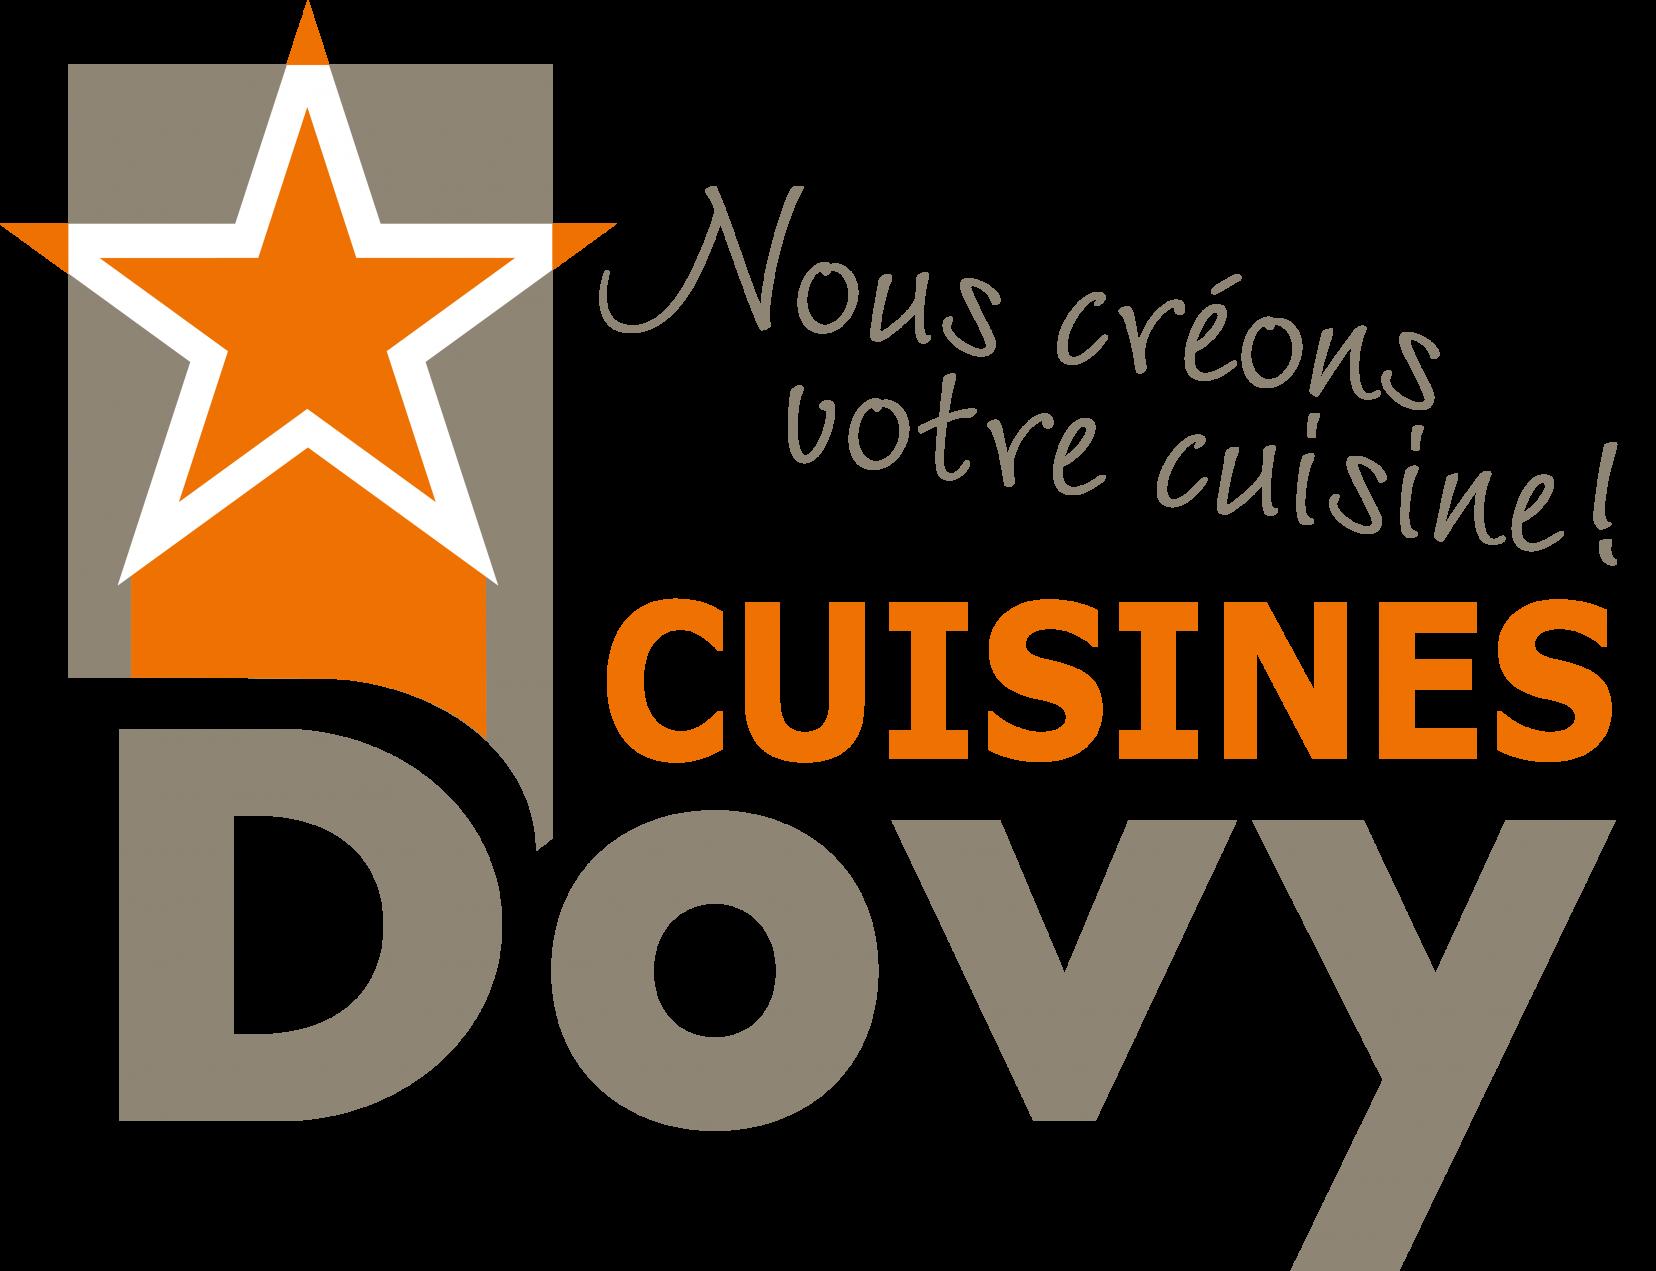 Dovy keukens logo_Nous créons votre cuisine.png